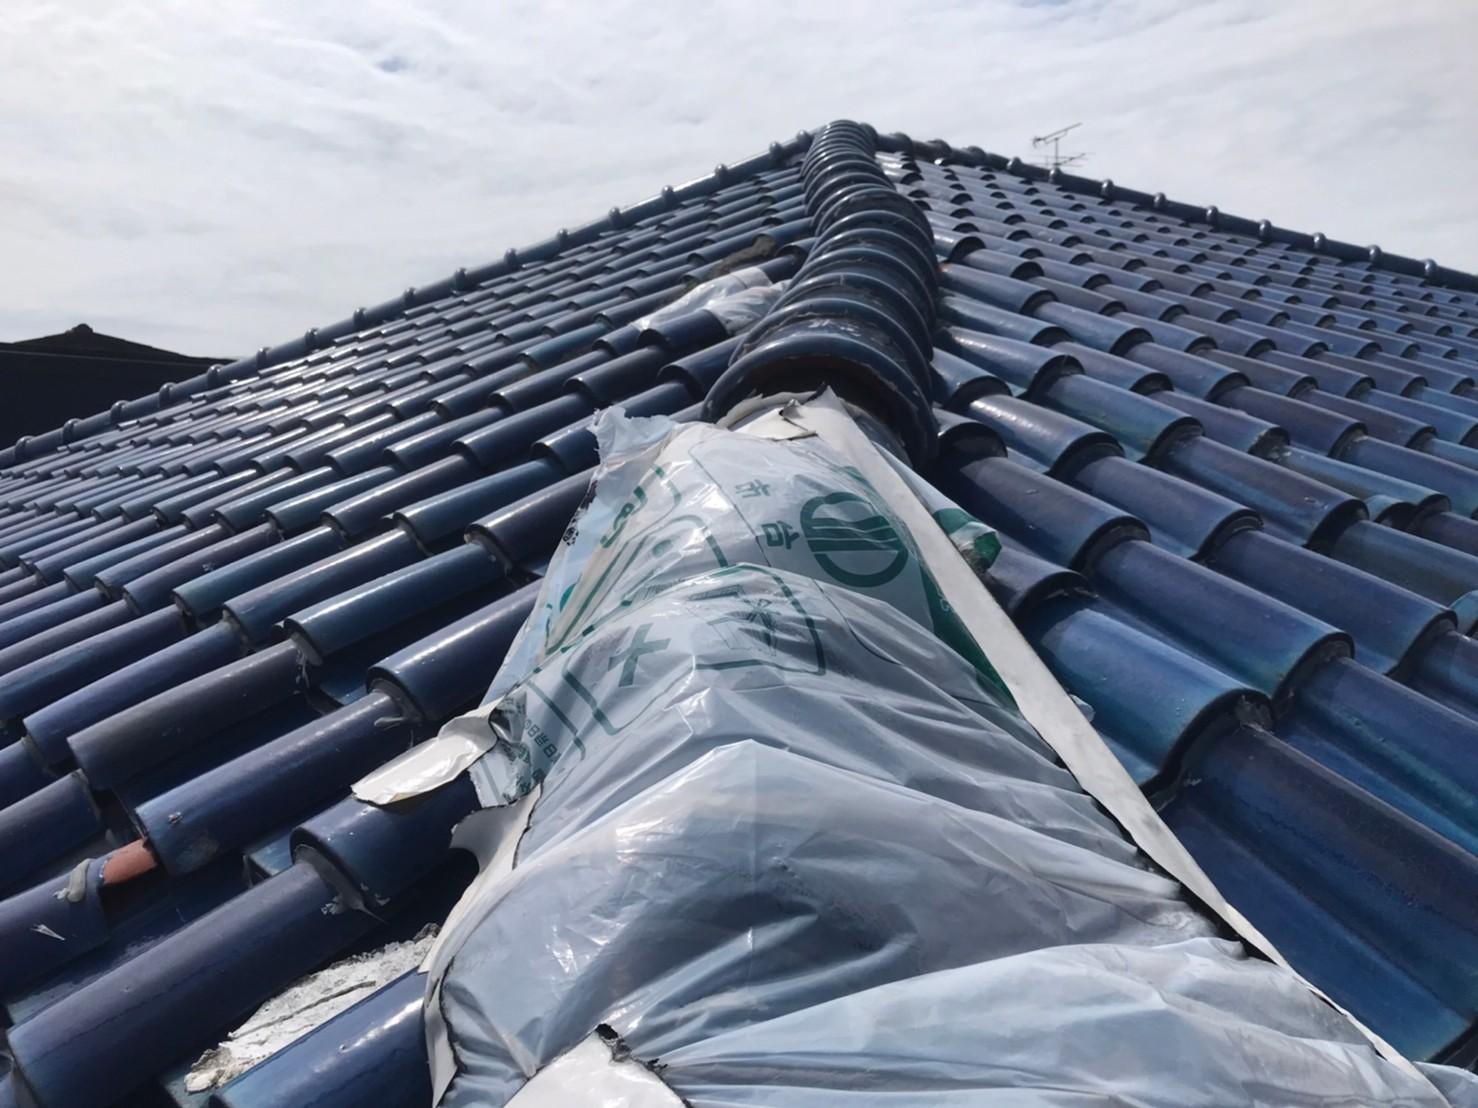 宮城県の地震で崩れた棟を七寸丸瓦で修理しました